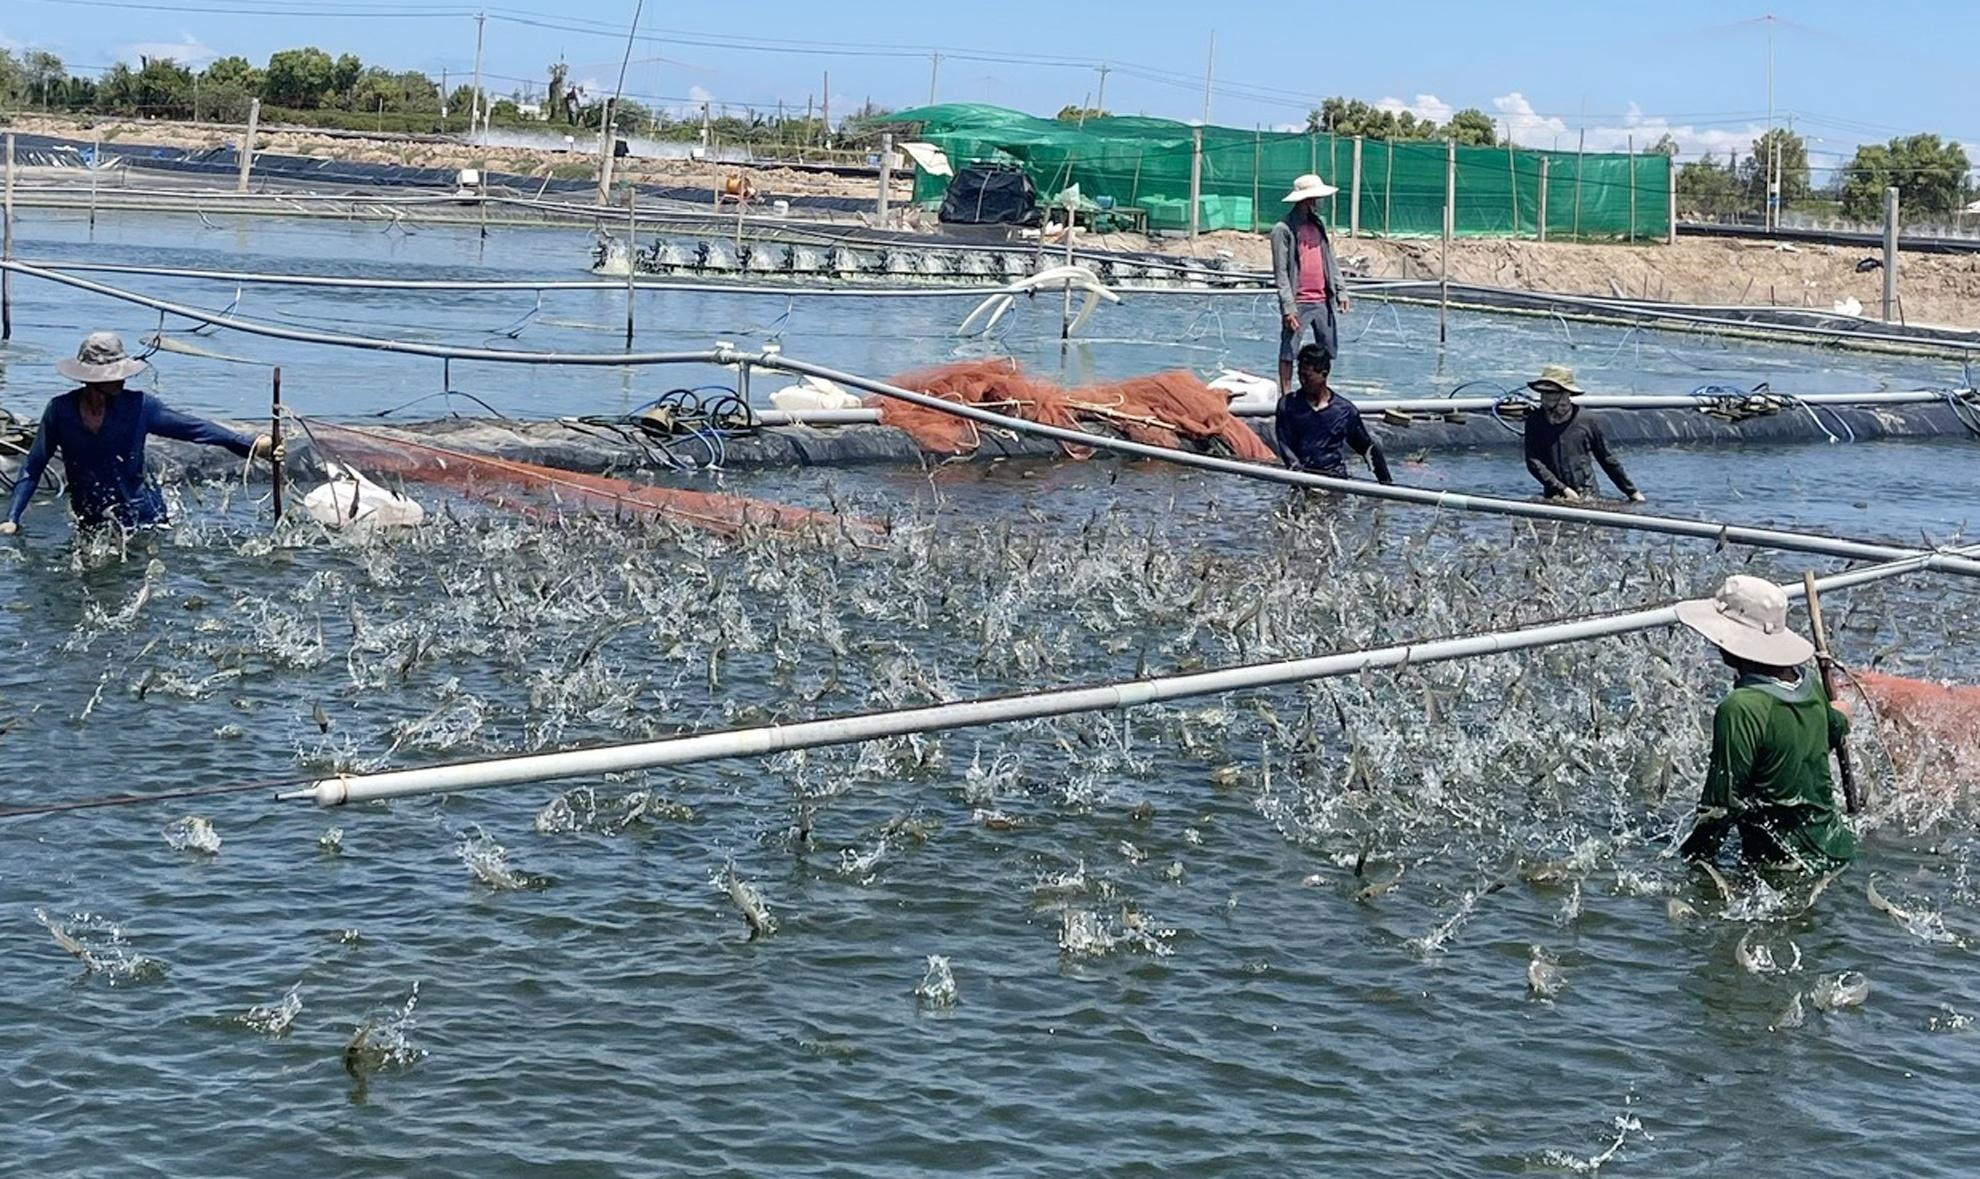 Nhà máy thủy sản ở miền Tây gấp rút hoạt động trở lại - Ảnh 1.